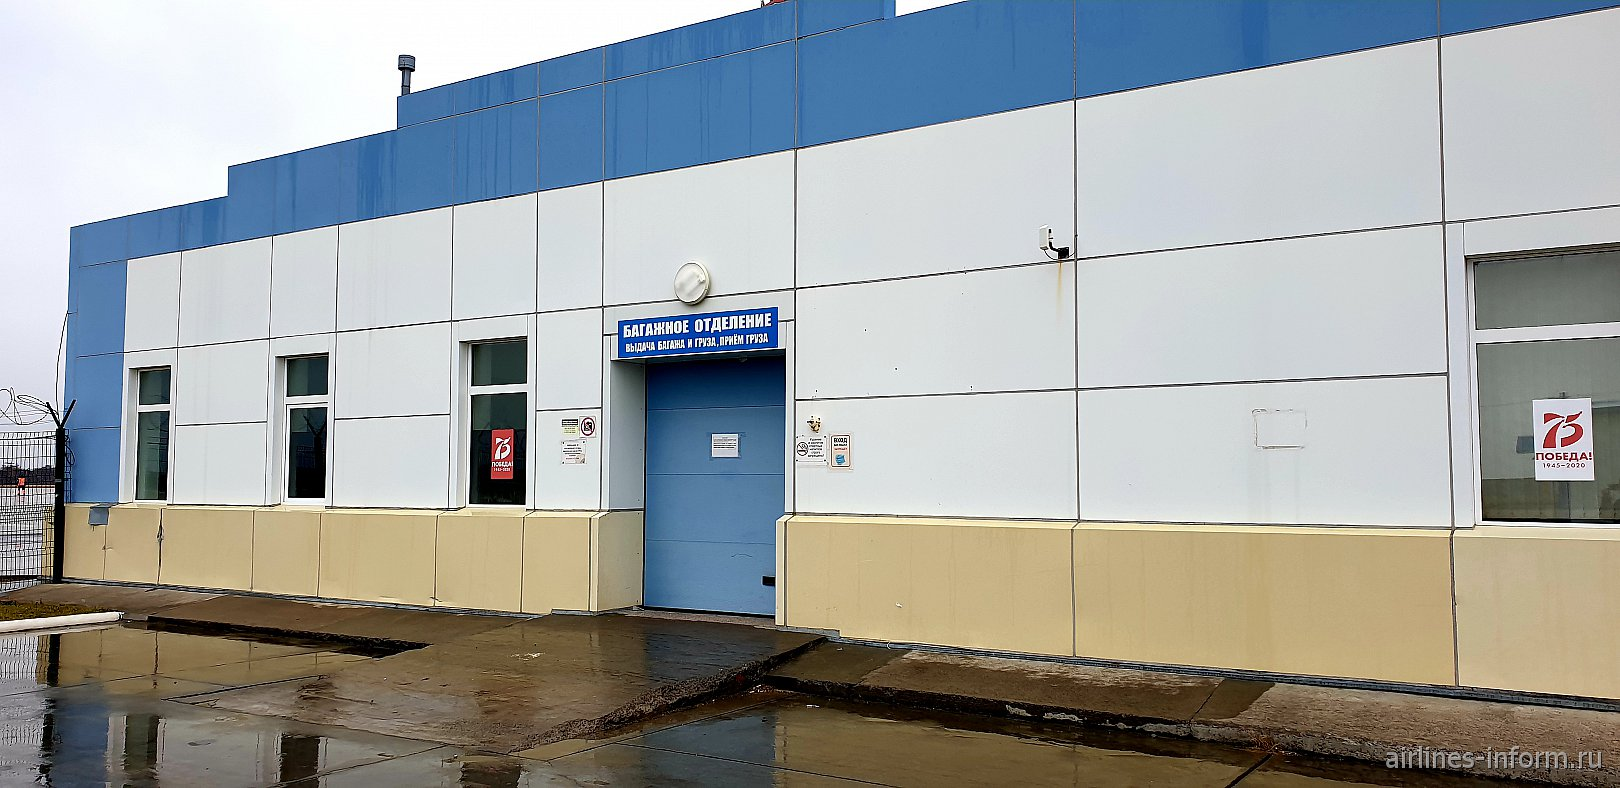 Багажное отделение аэропорта Итуруп Ясный